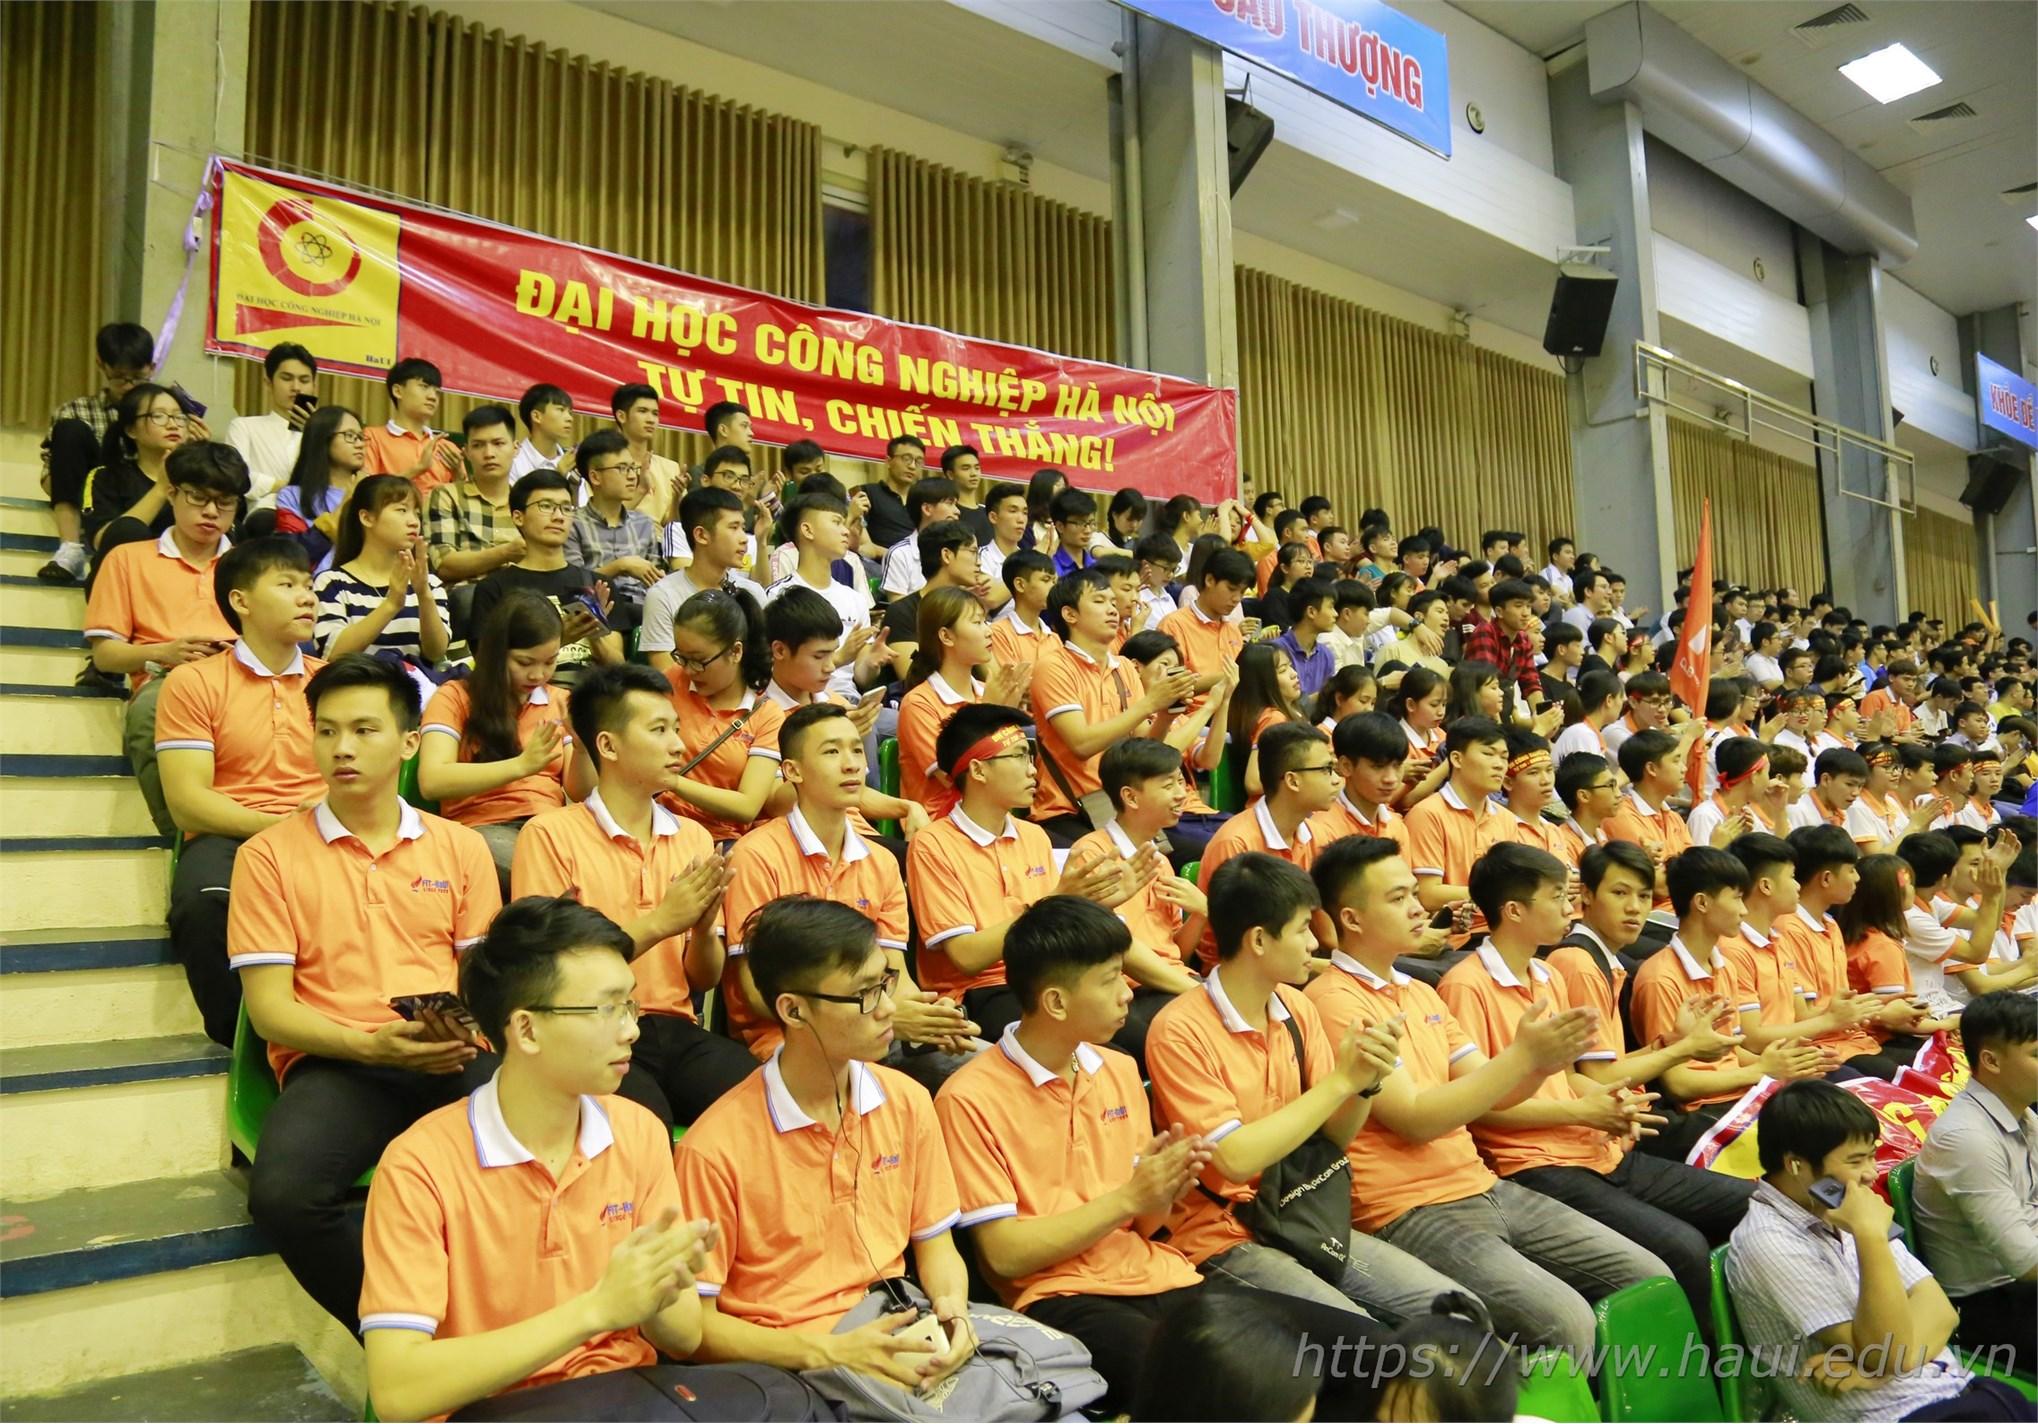 Sinh viên Đại học Công nghiệp Hà Nội lần đầu thử sức tại Cuôc đua số 2019